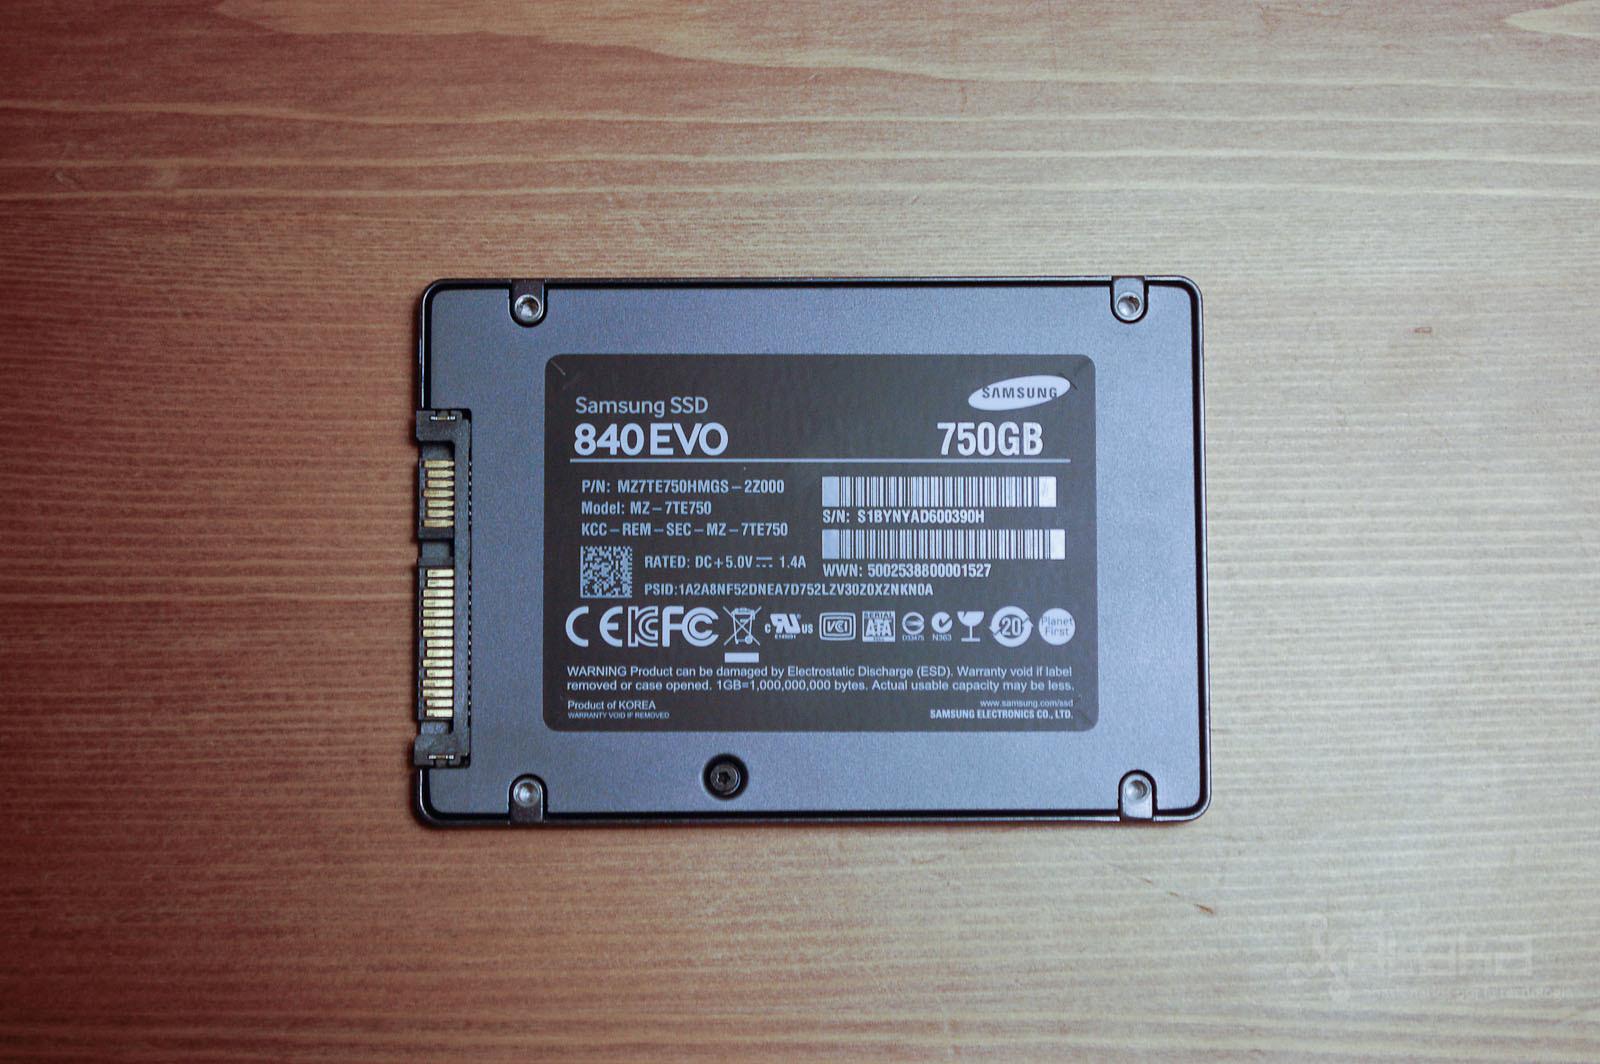 Samsung SSD 840 EVO, análisis